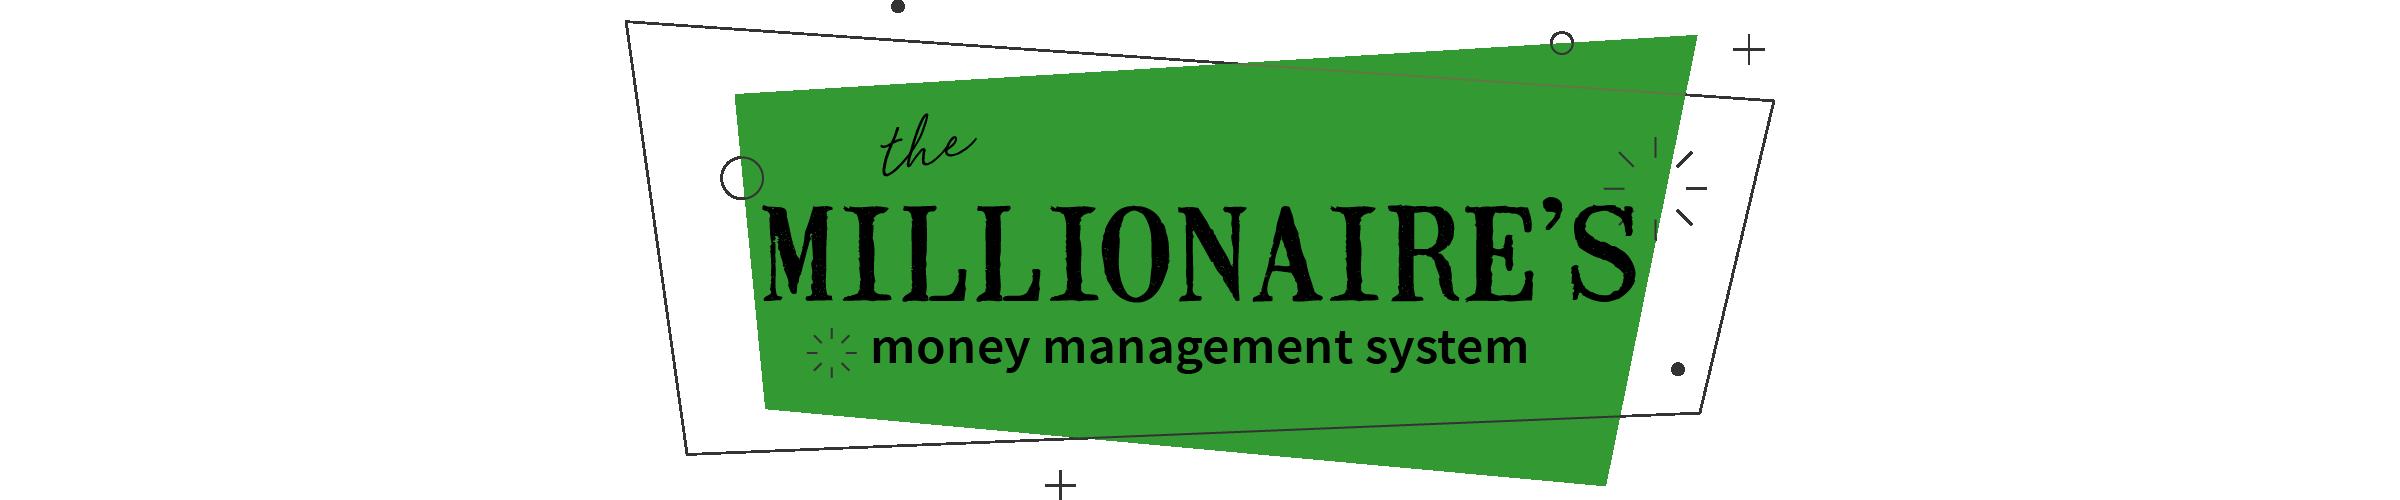 millionaire money management system